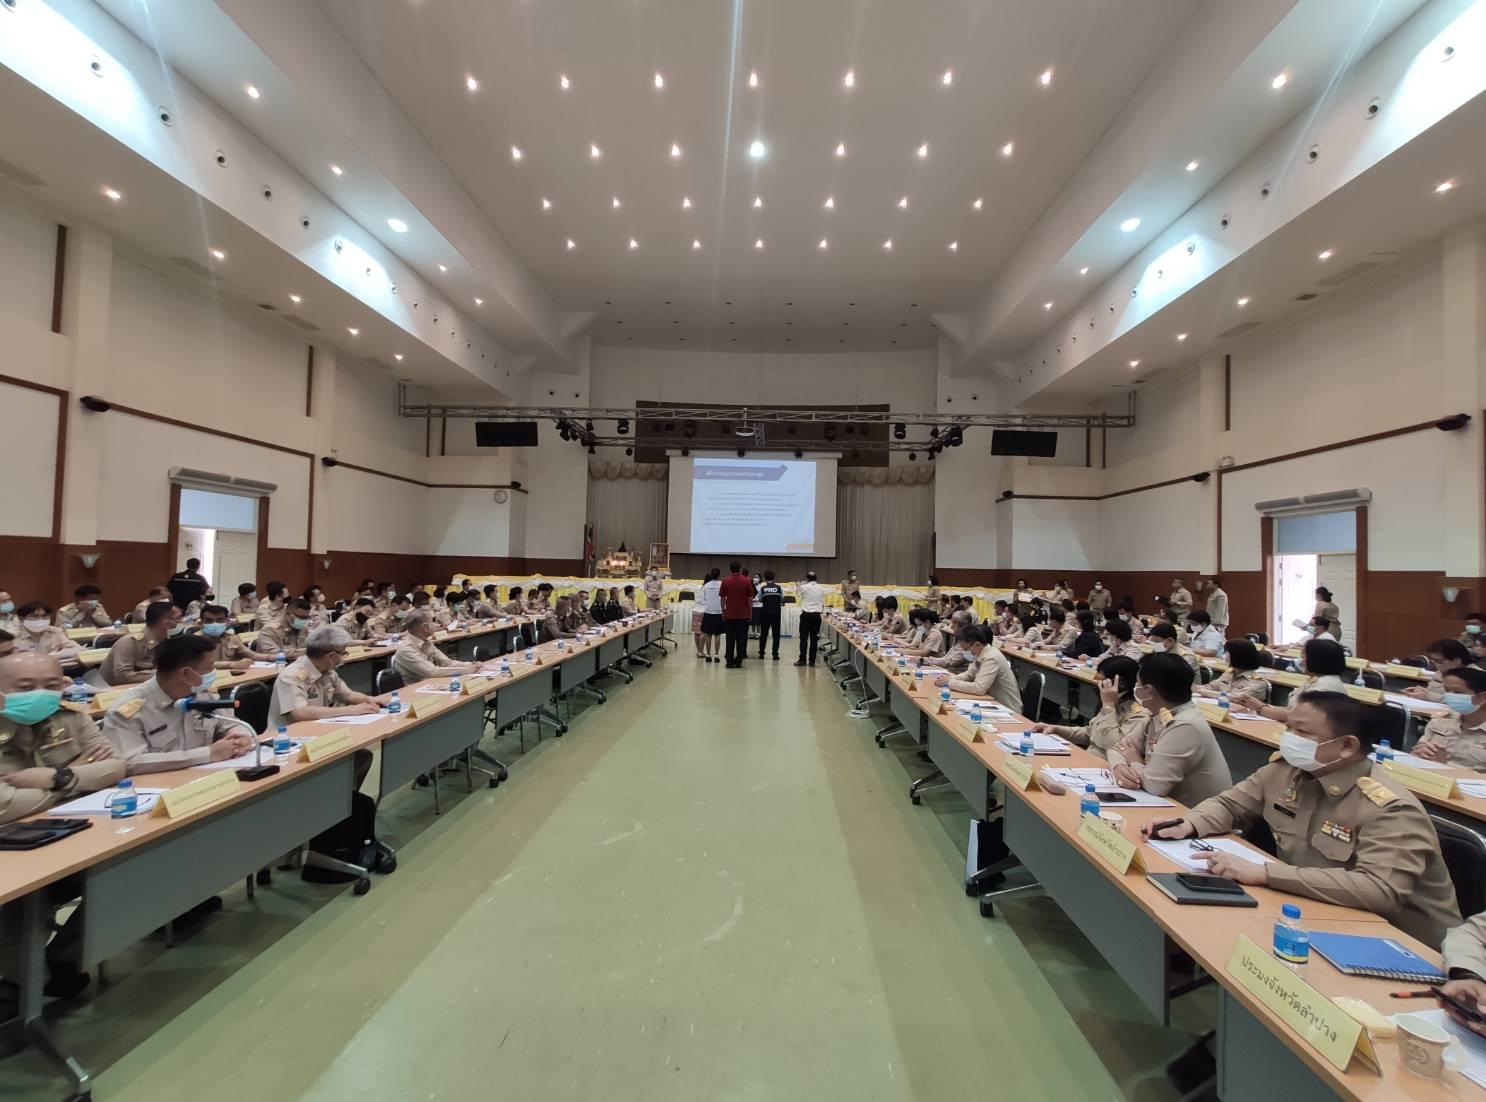 ร่วมประชุมคณะกรมการจังหวัดและหัวหน้าส่วนราชการจังหวัดลำปาง  หน่วยงานรัฐวิสาหกิจ และภาคเอกชน